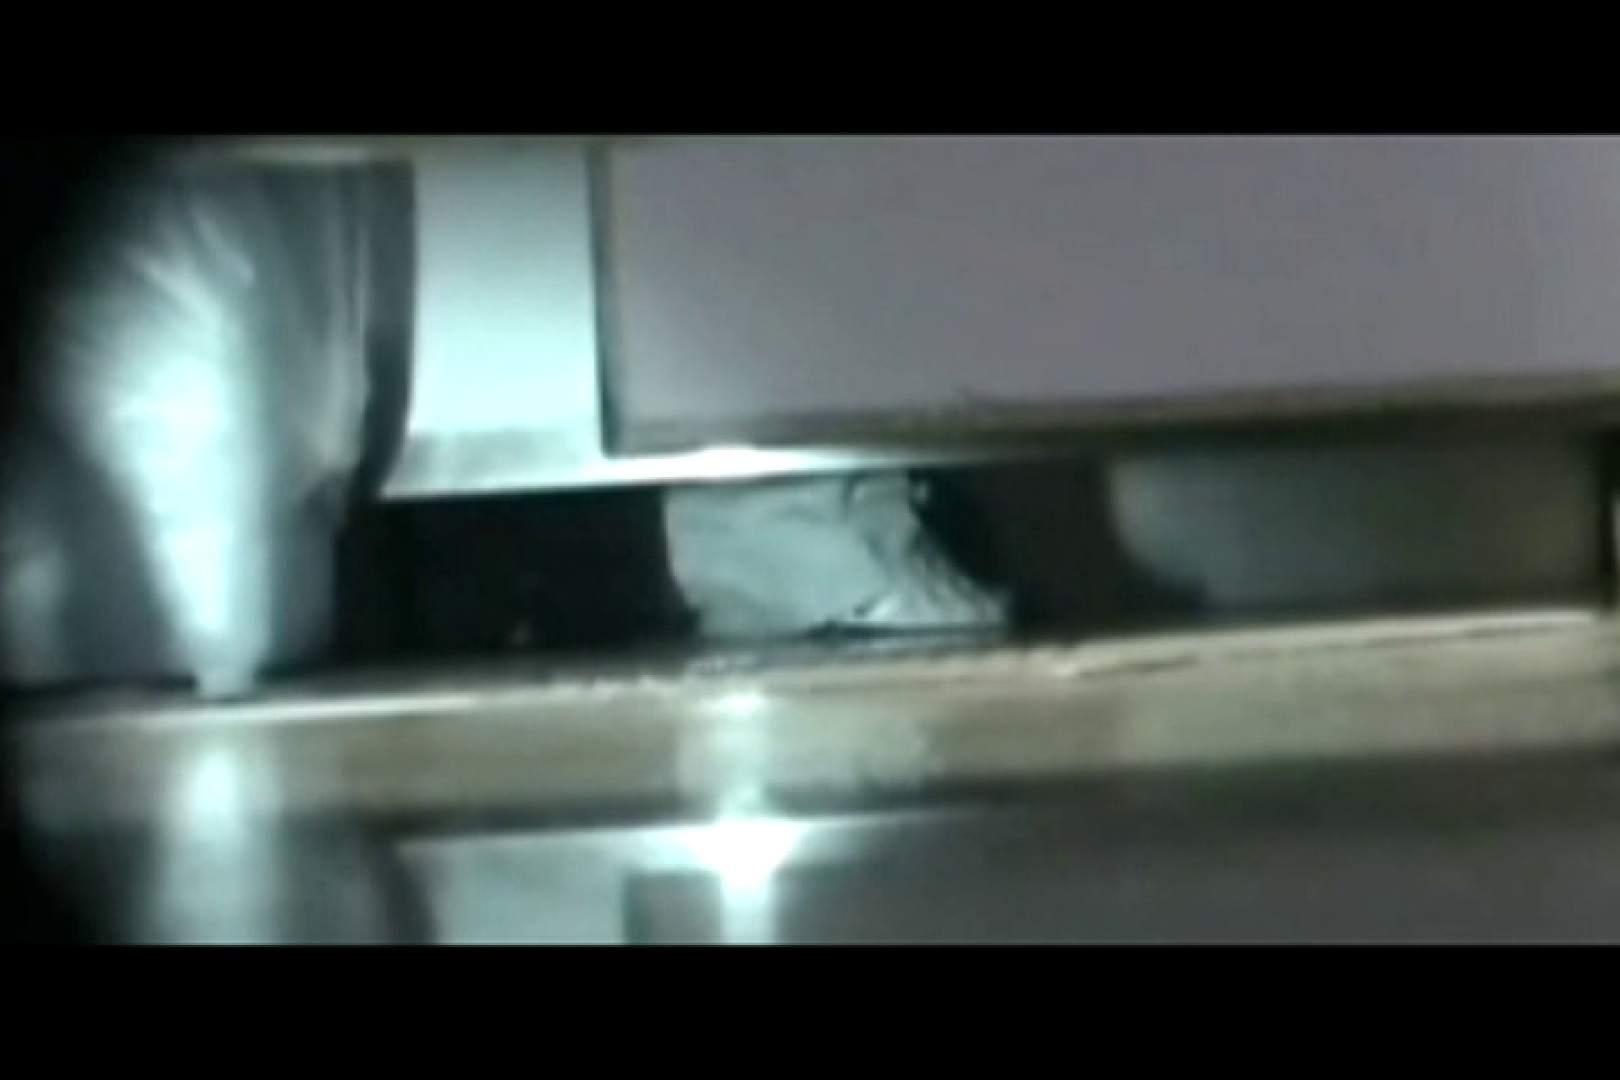 ぼっとん洗面所スペシャルVol.18 洗面所 のぞき濡れ場動画紹介 63PICs 41